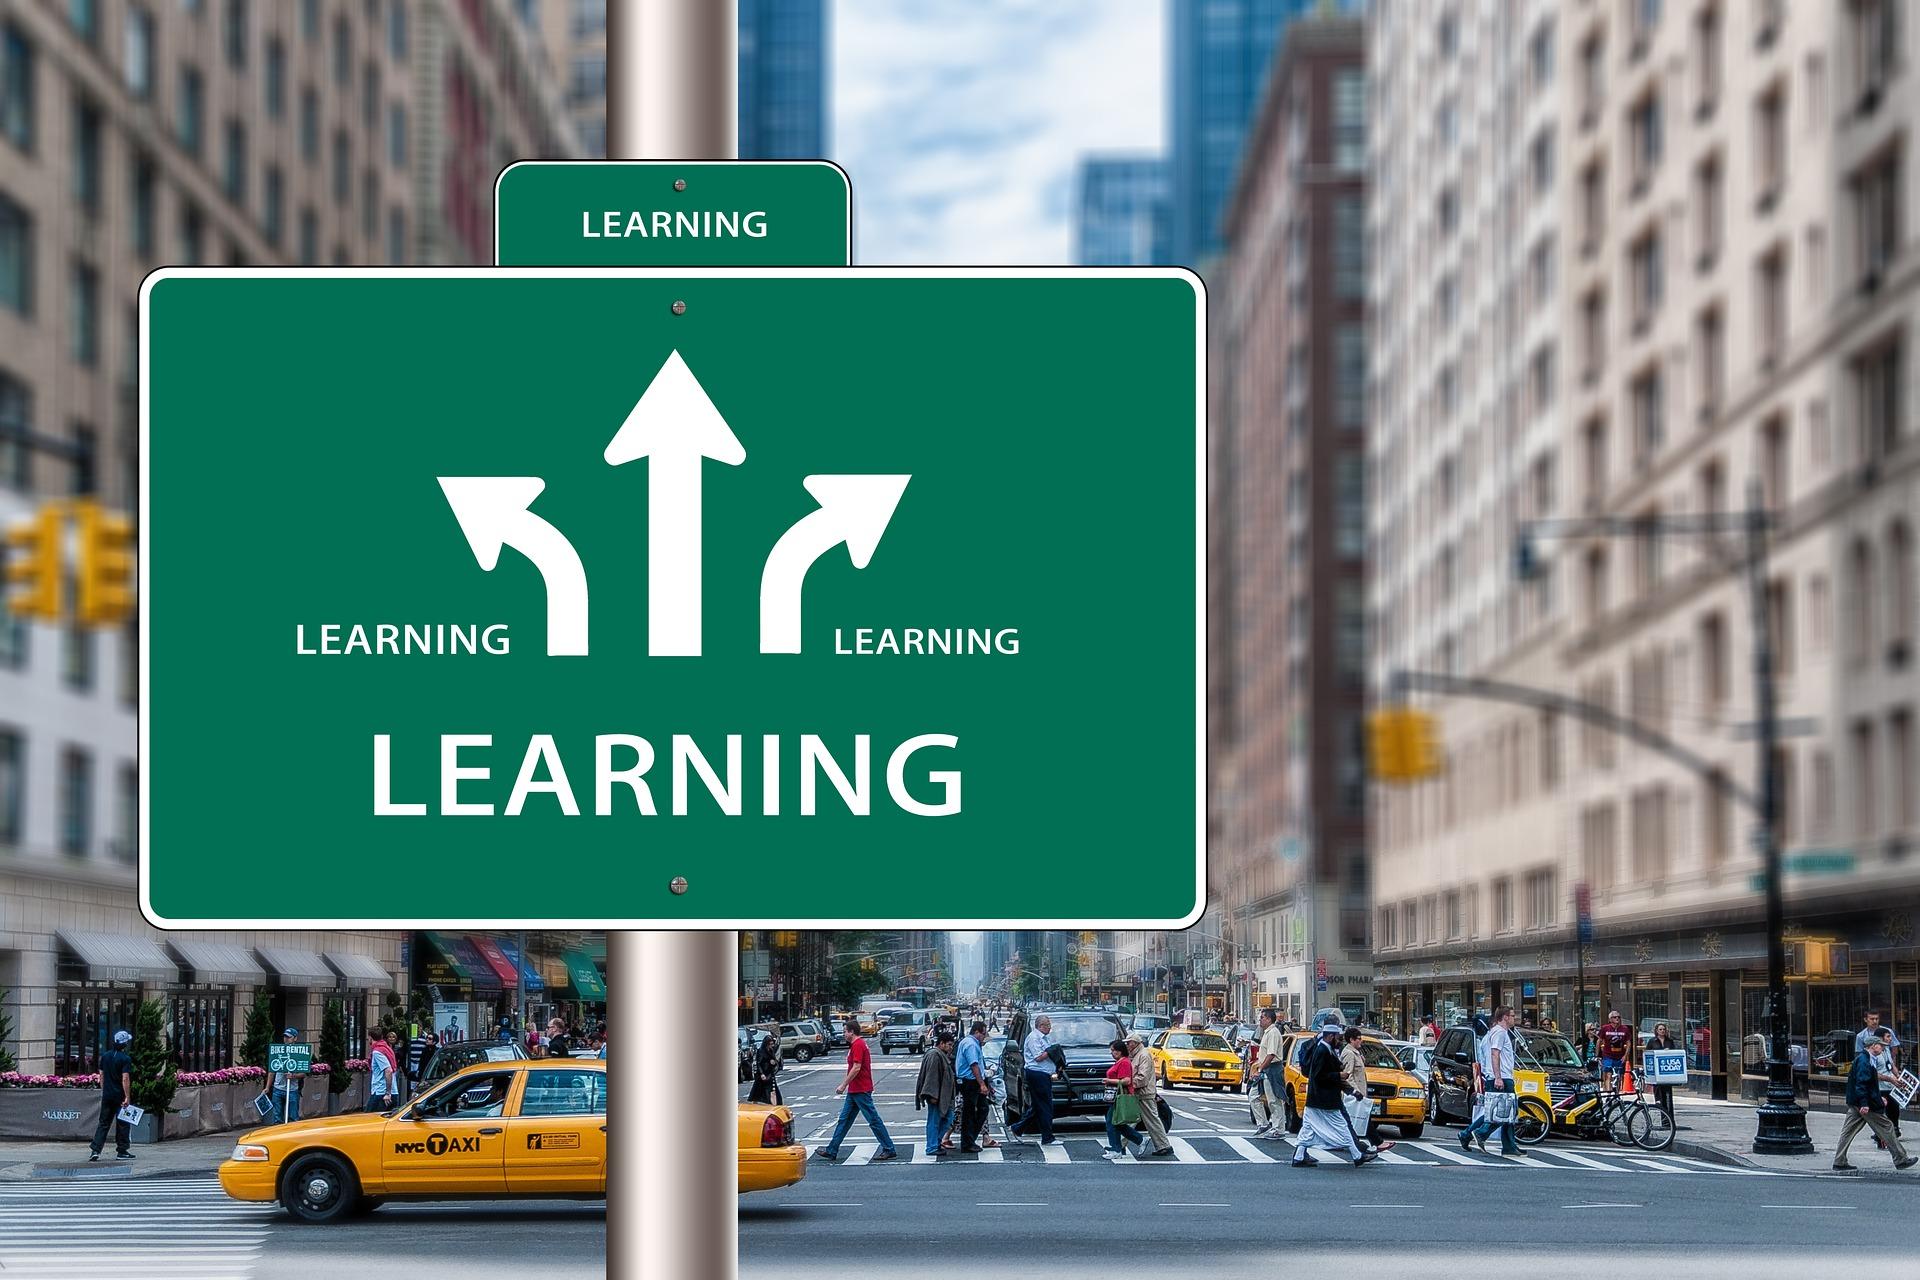 Αφιέρωμα στην Τουριστική Εκπαίδευση